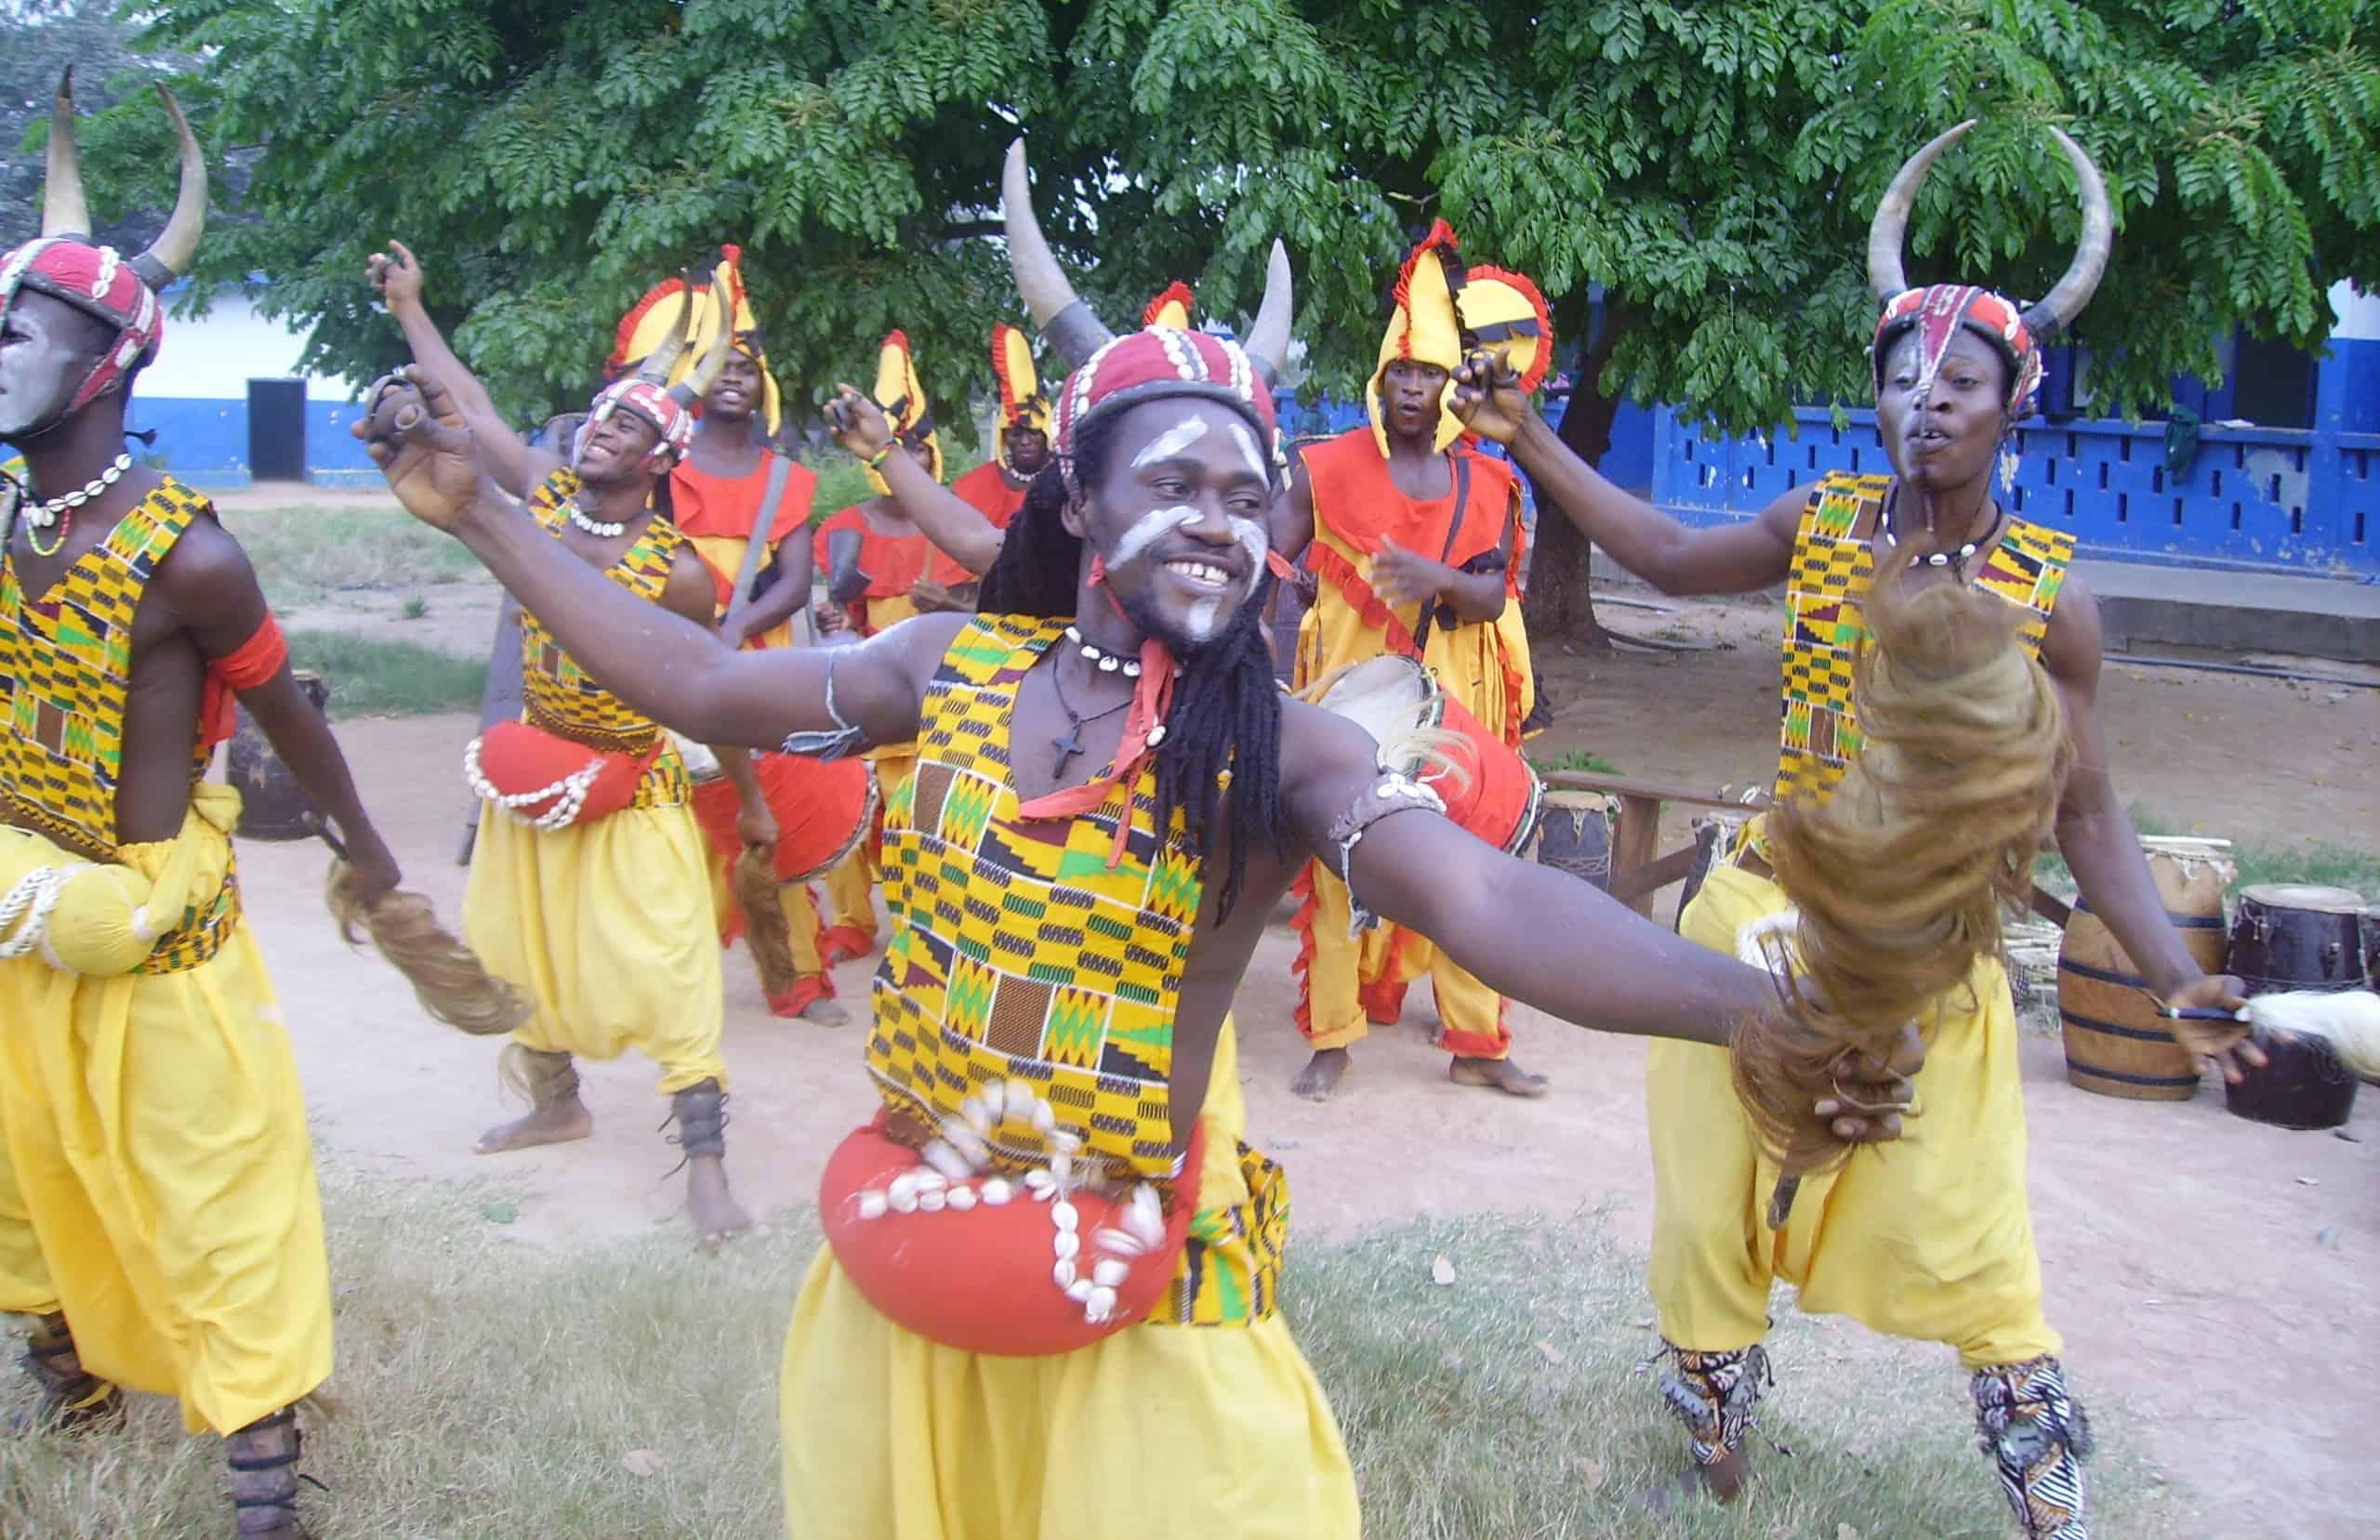 Folkmoot Festival - Ghana Group